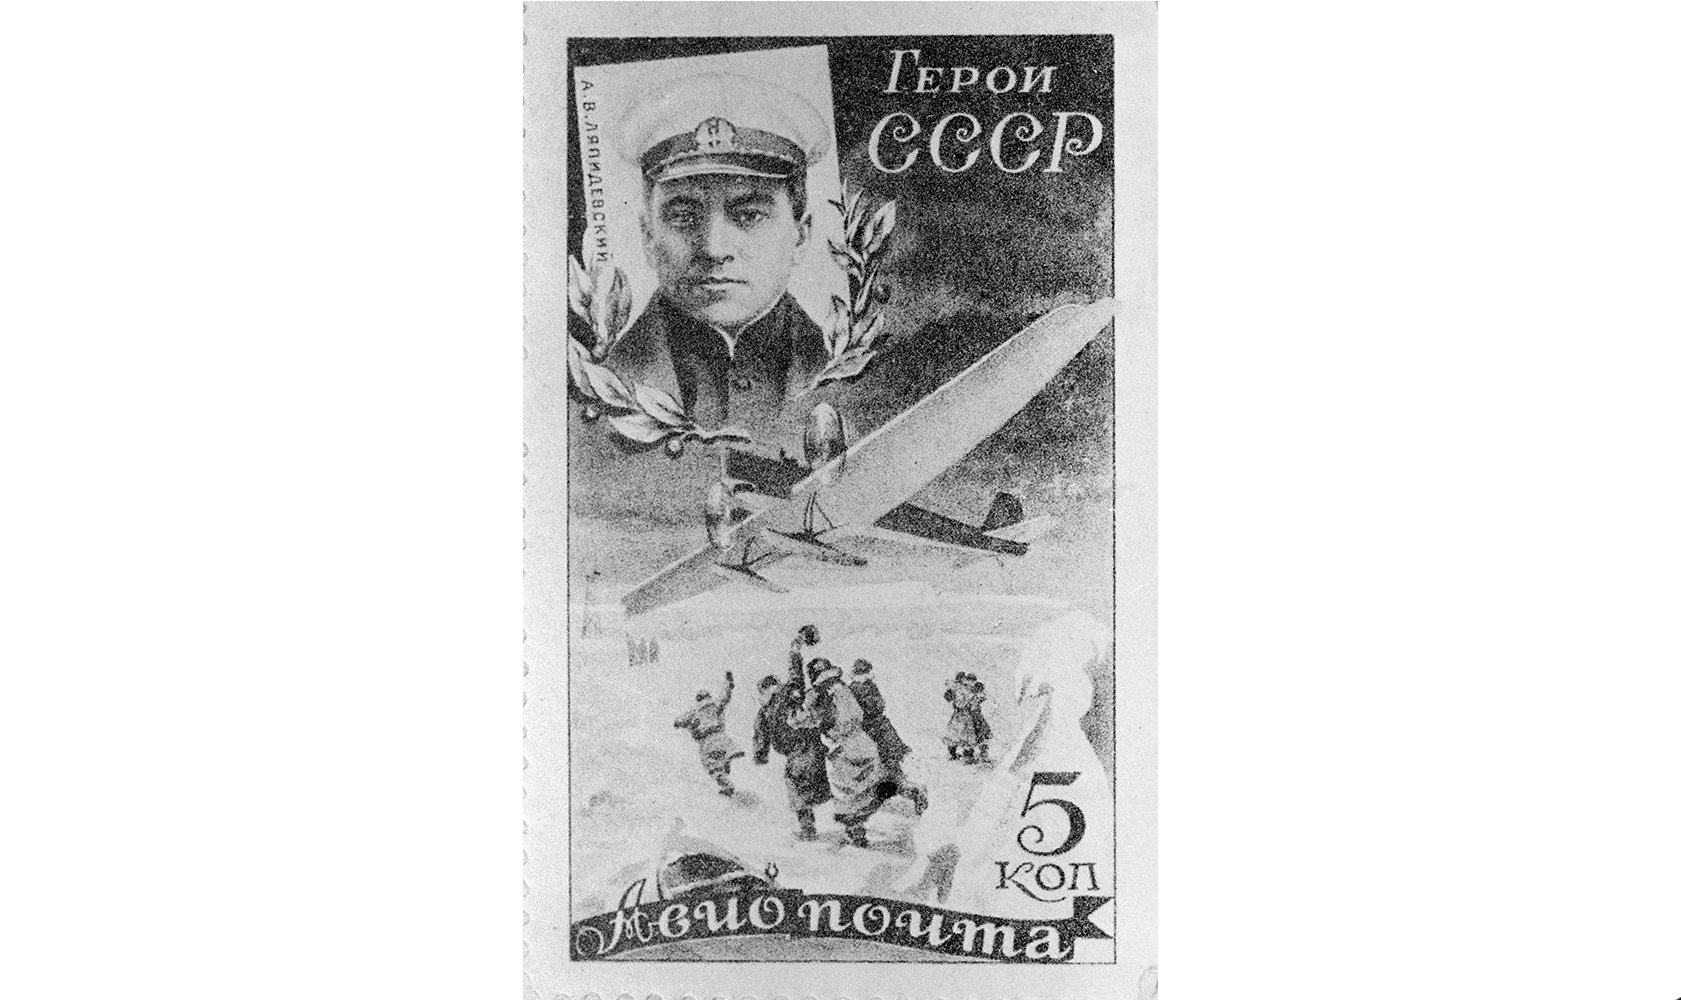 Советская почтовая марка 1935 года с портретом Героя Советского Союза Анатолия Ляпидевского